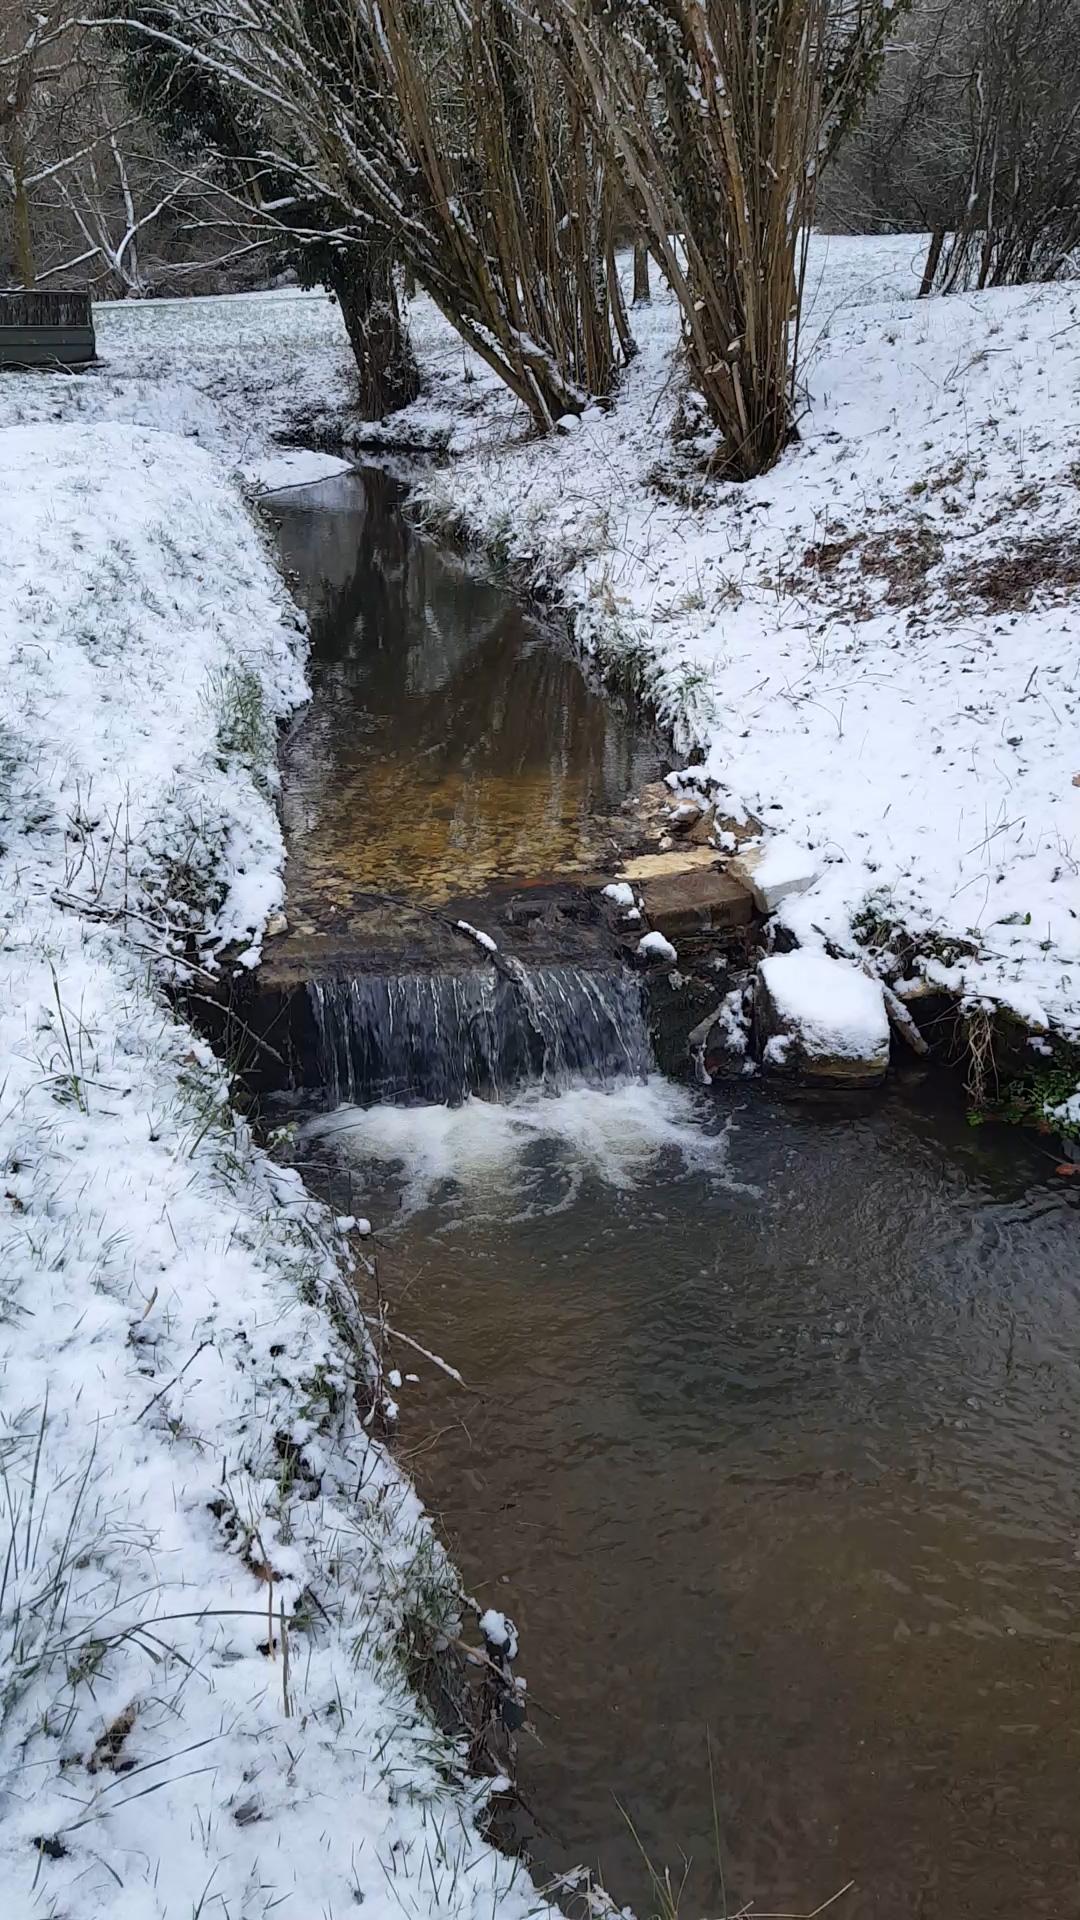 The Stream In Winter